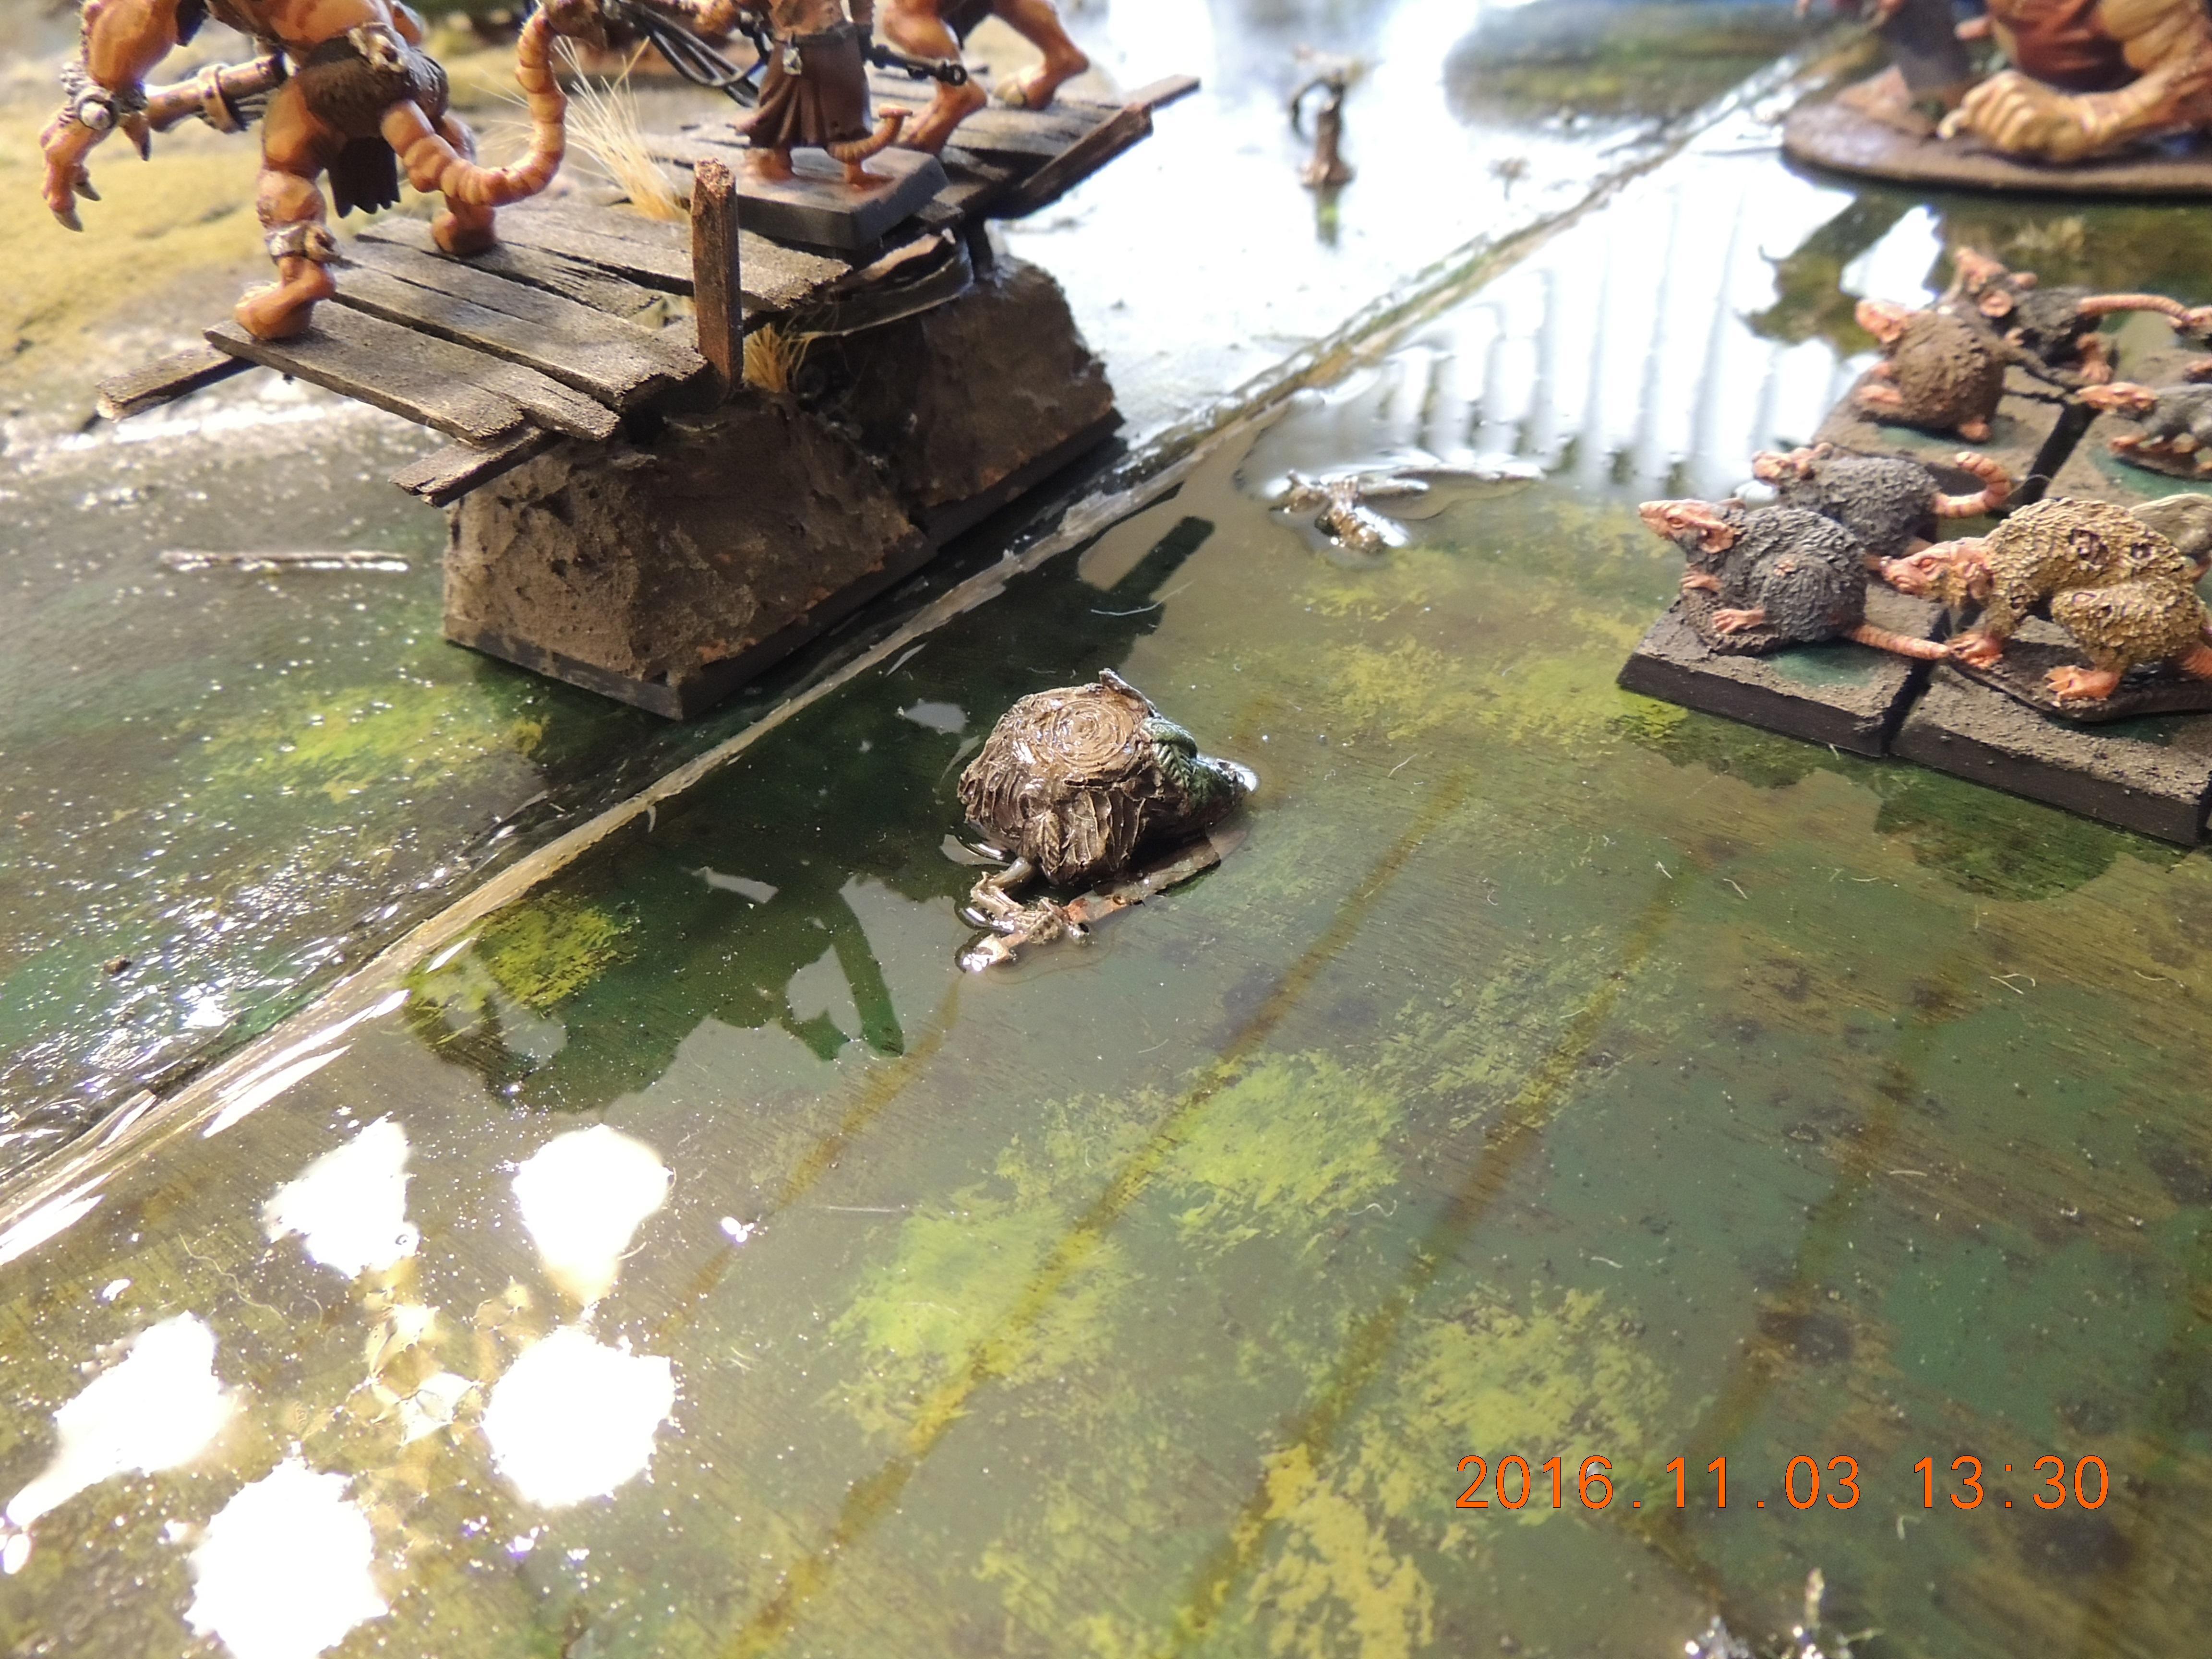 Board, Swamp, Terrain